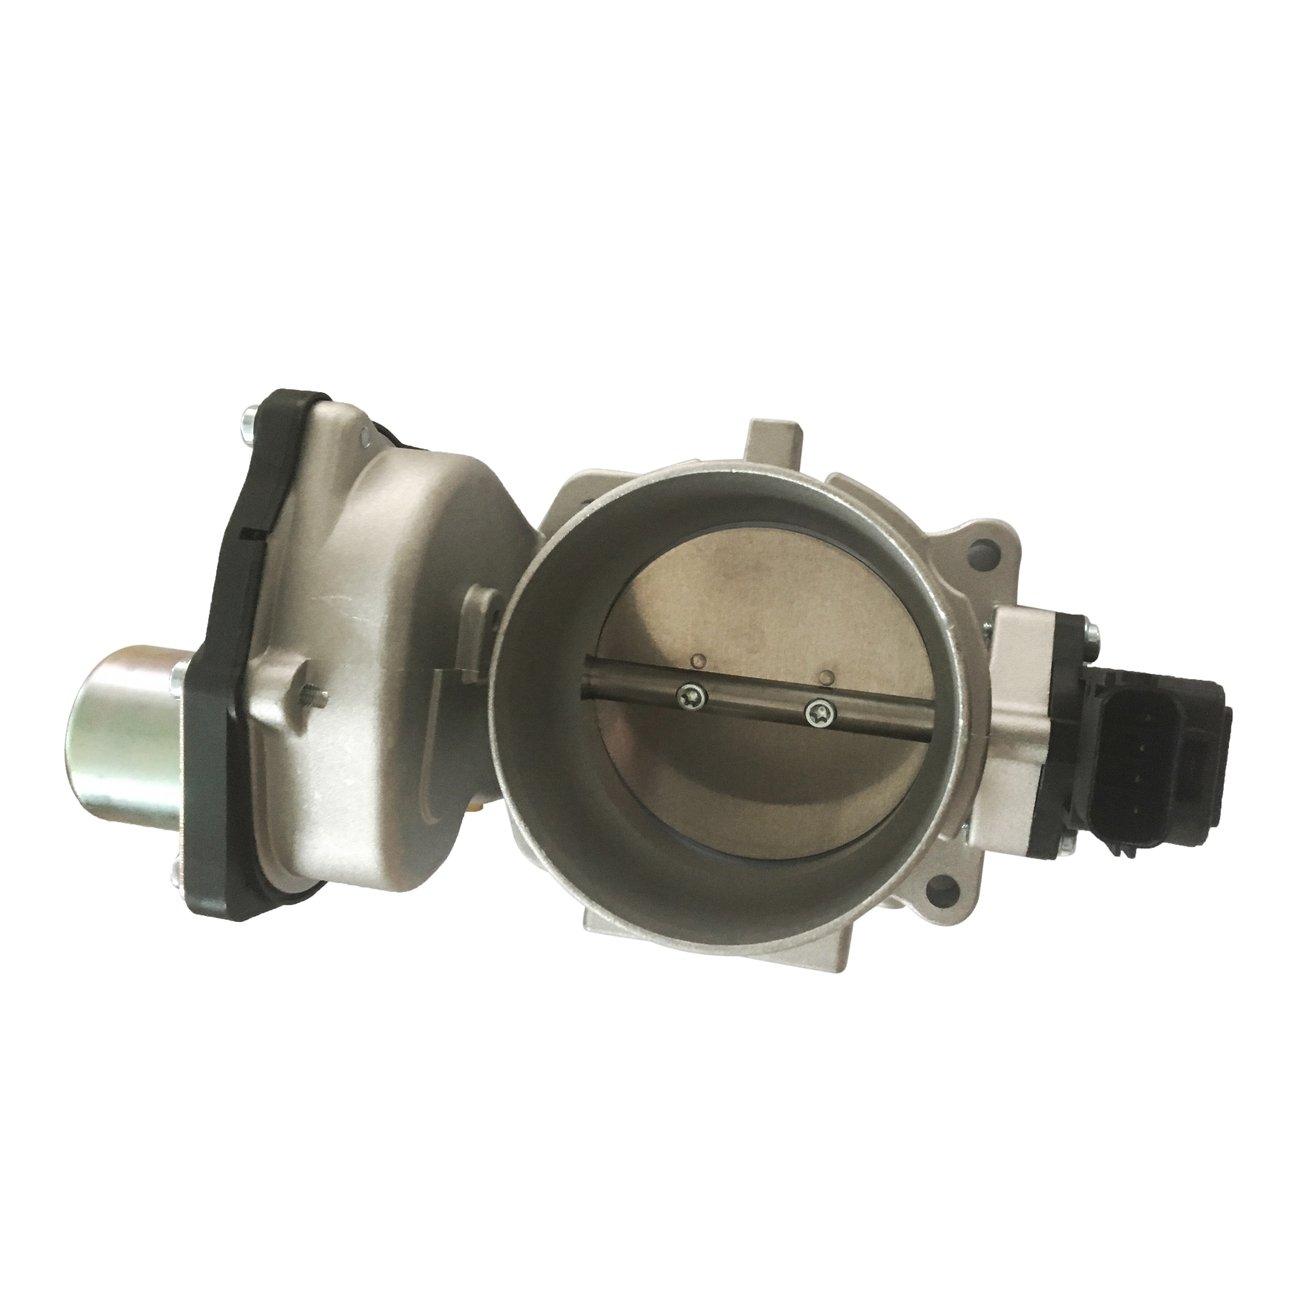 SKP SKS20001 Throttle Body